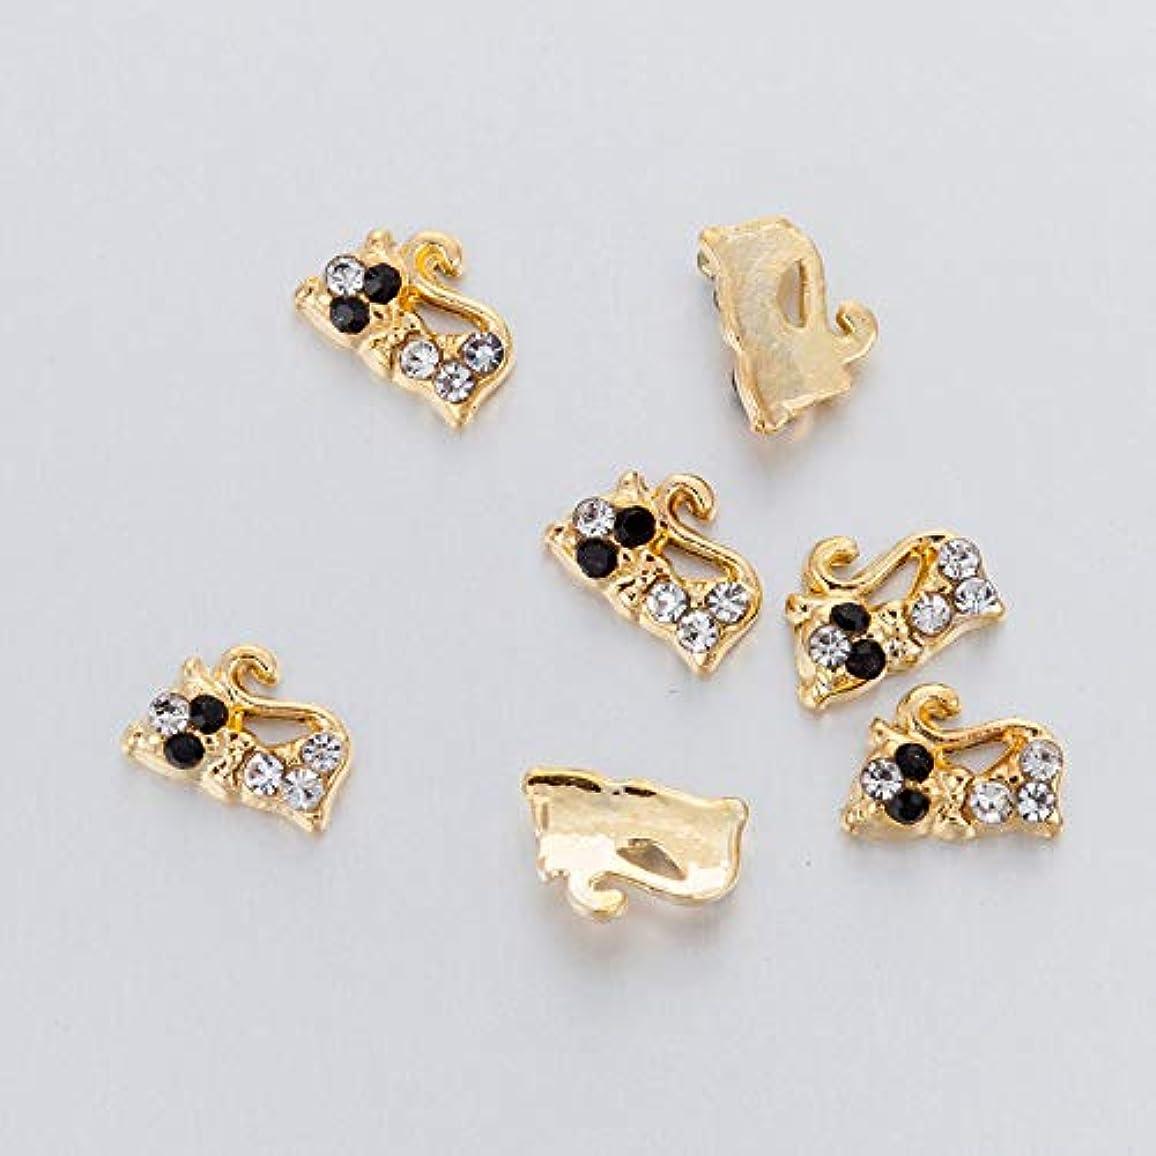 類人猿時制真珠のような10 PCS /袋3Dネイルグラマーネイルデコレーションステッカーラインストーンキャットタイプの装飾スパークリングラインストーンのためにマニキュアの装飾